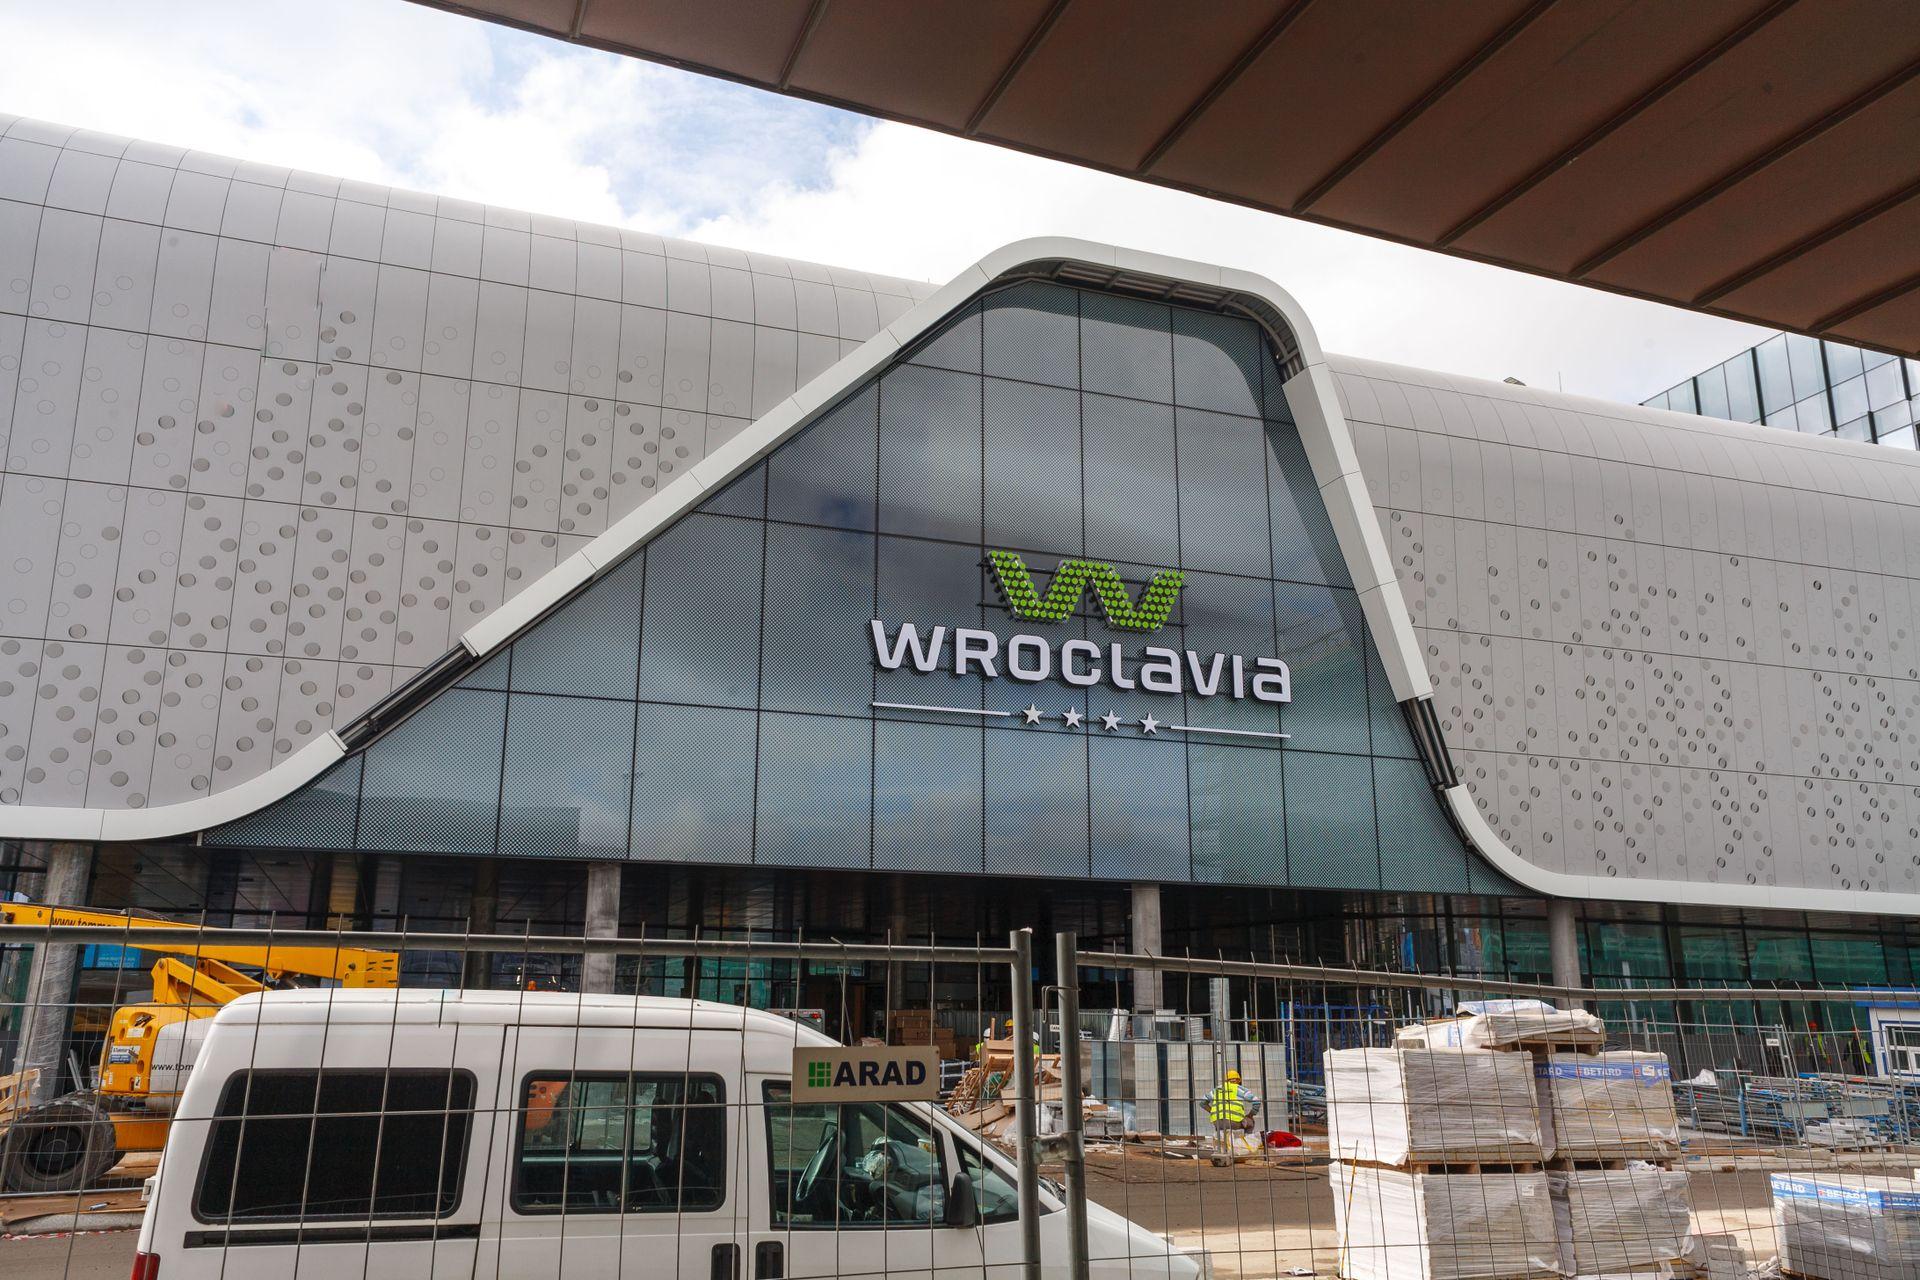 [Wrocław] Wroclavia będzie jedyną galerią w mieście czynną w każdą niedzielę?